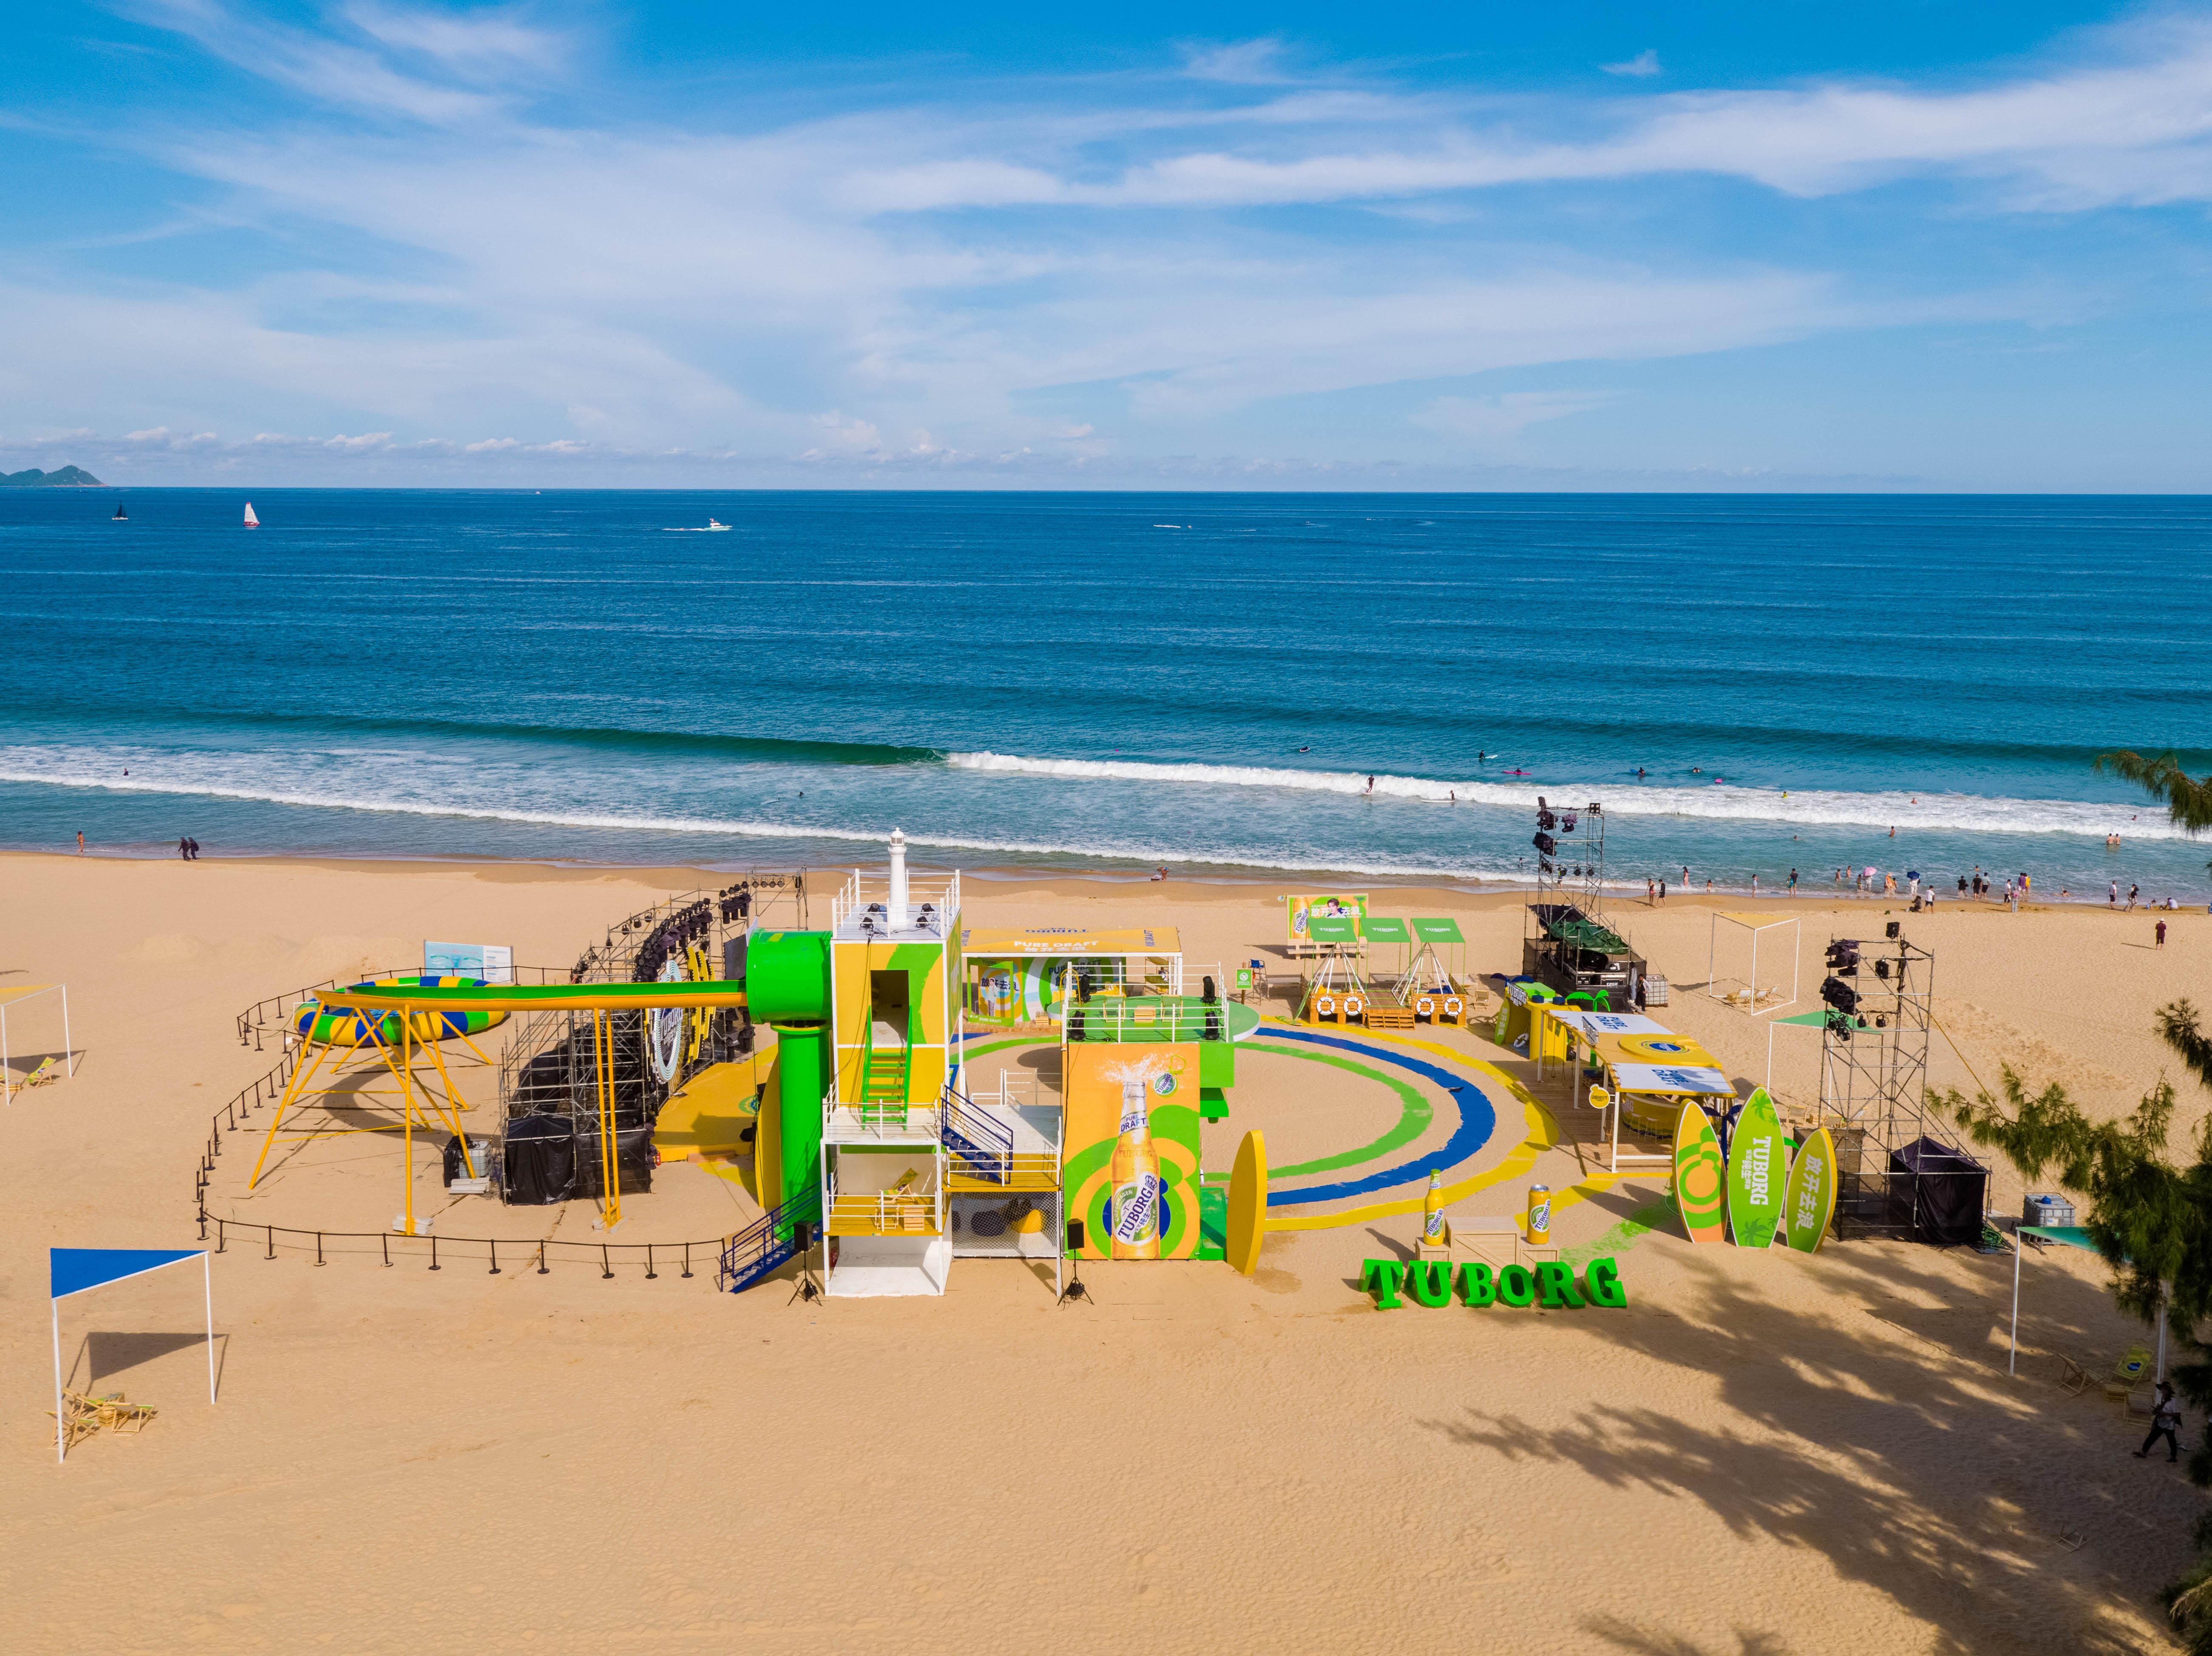 """乐堡纯生海滩热浪派对,掀起""""浪""""的夏日模式"""